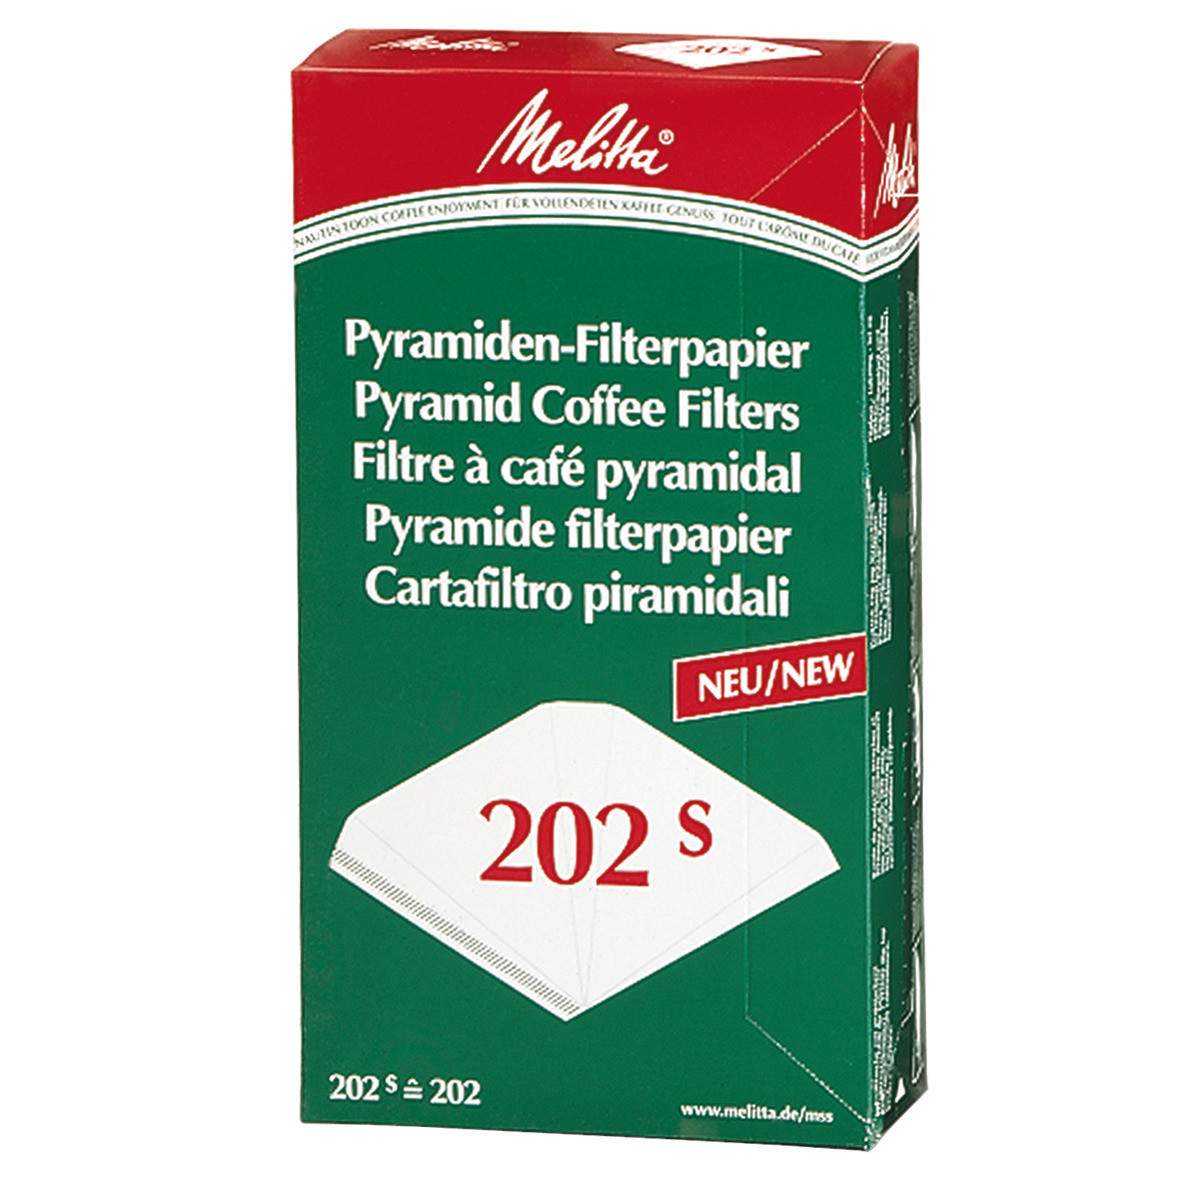 Filterpapier für Kaffeemaschinen Pa SF 202 S, 100 ST